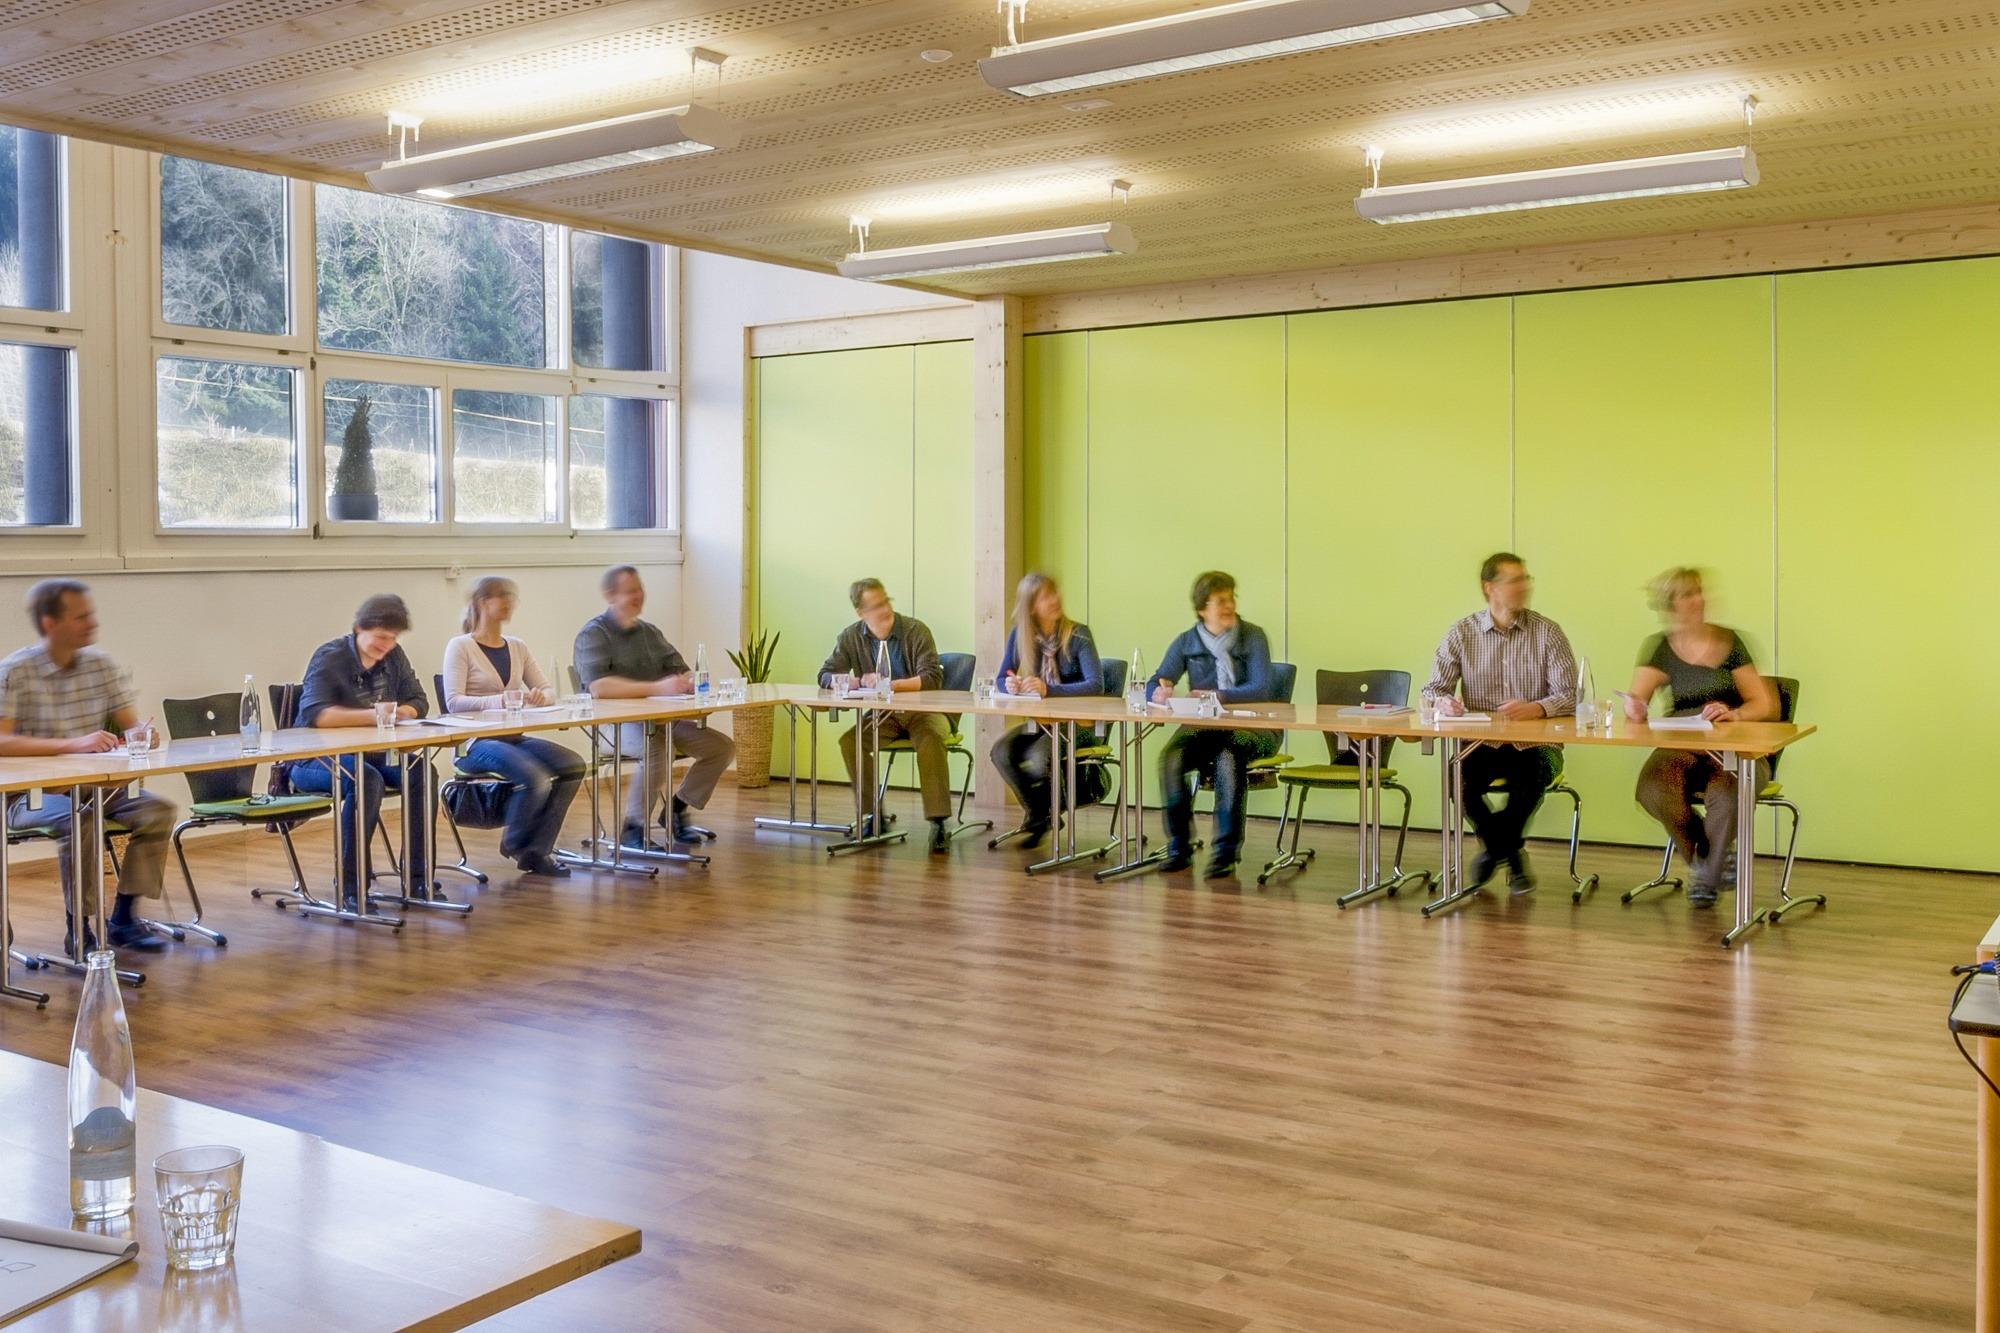 Panorama-3-SemainarrÑume-Chlotisberg-Uform-Harmonie-Teilnehmer-Bearbeitet 2